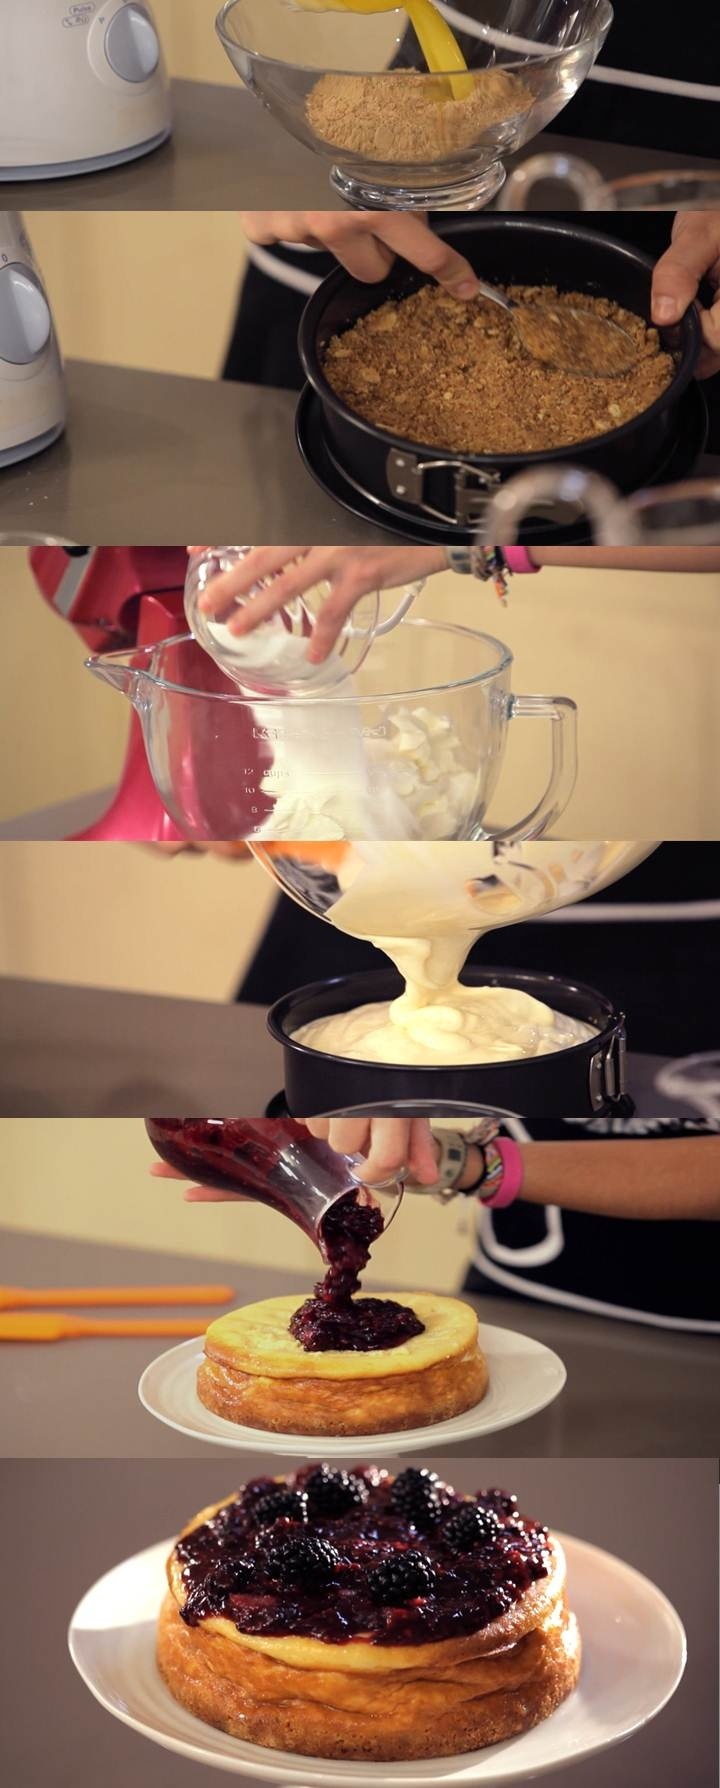 Programa 3 Cupcake Maniacs:  Cheesecake con salsa de mora